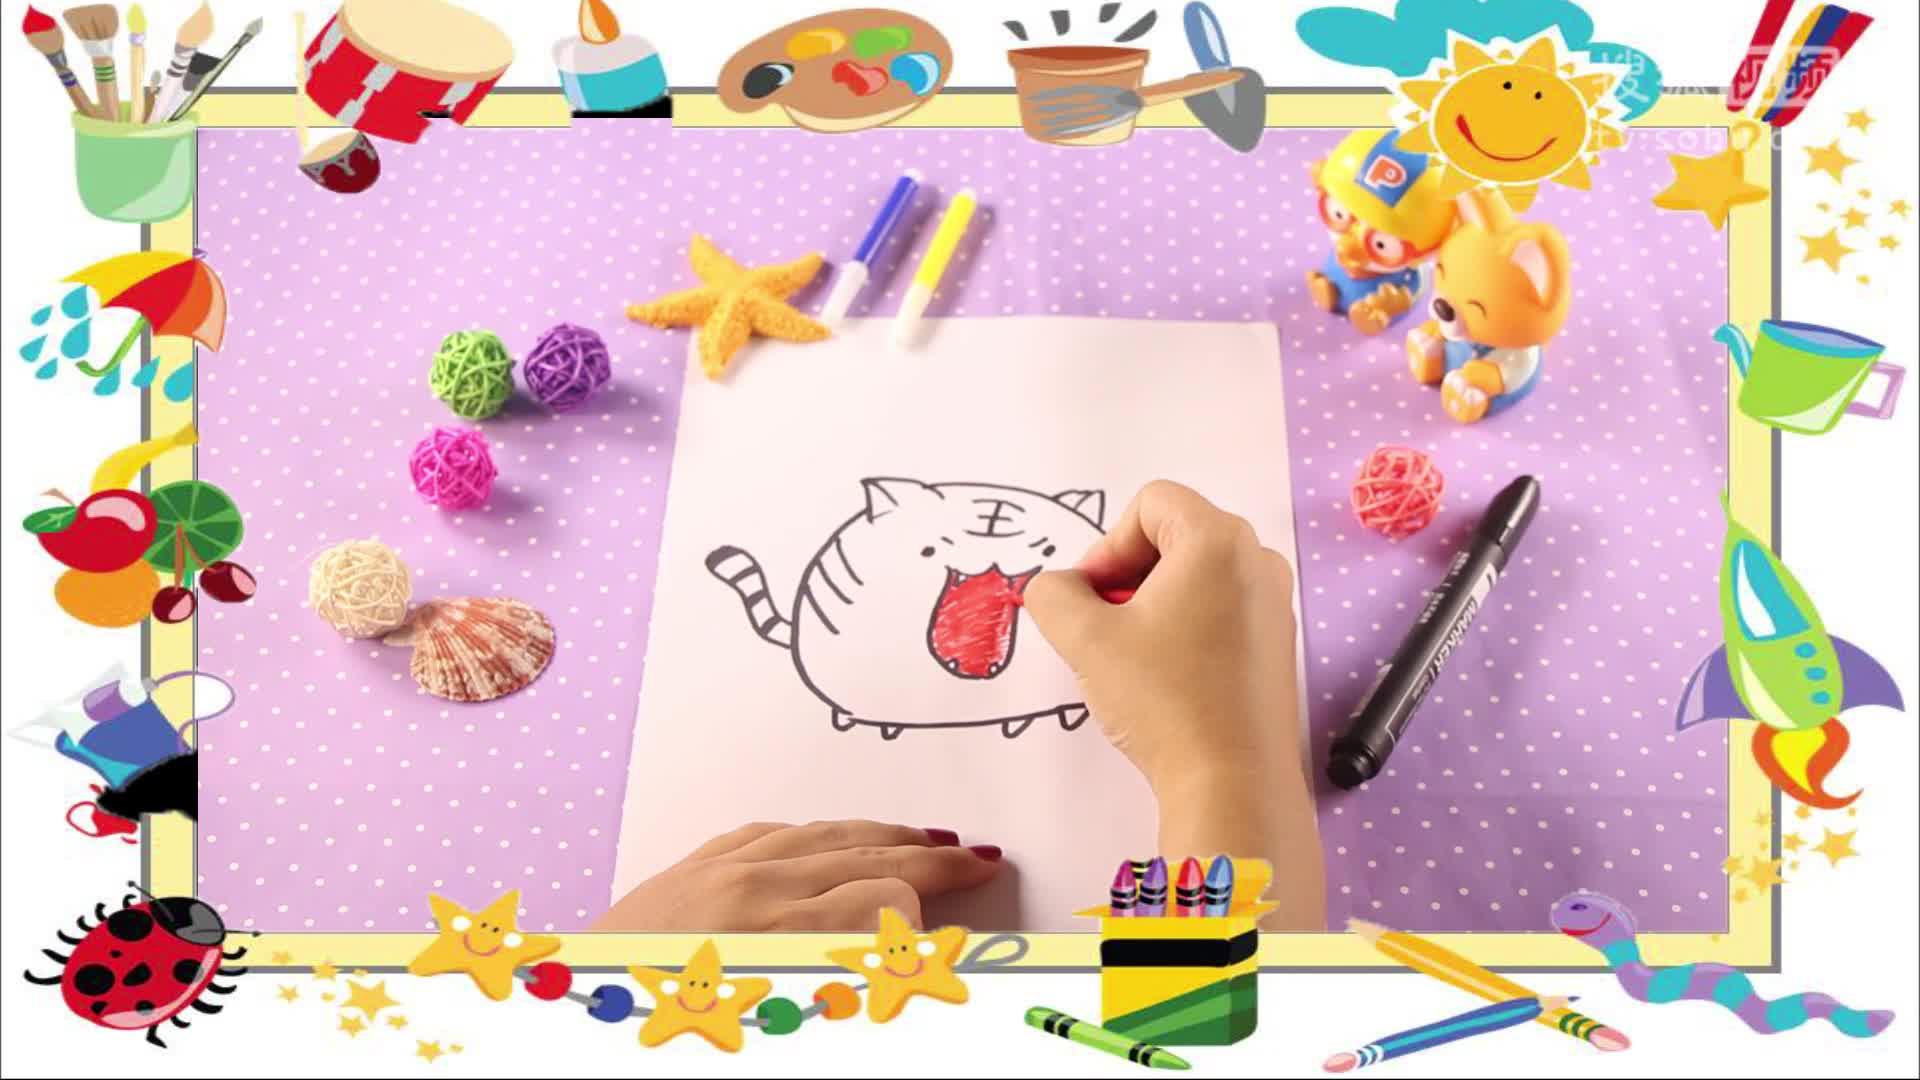 兔小卡星球 十二生肖简笔画小老虎